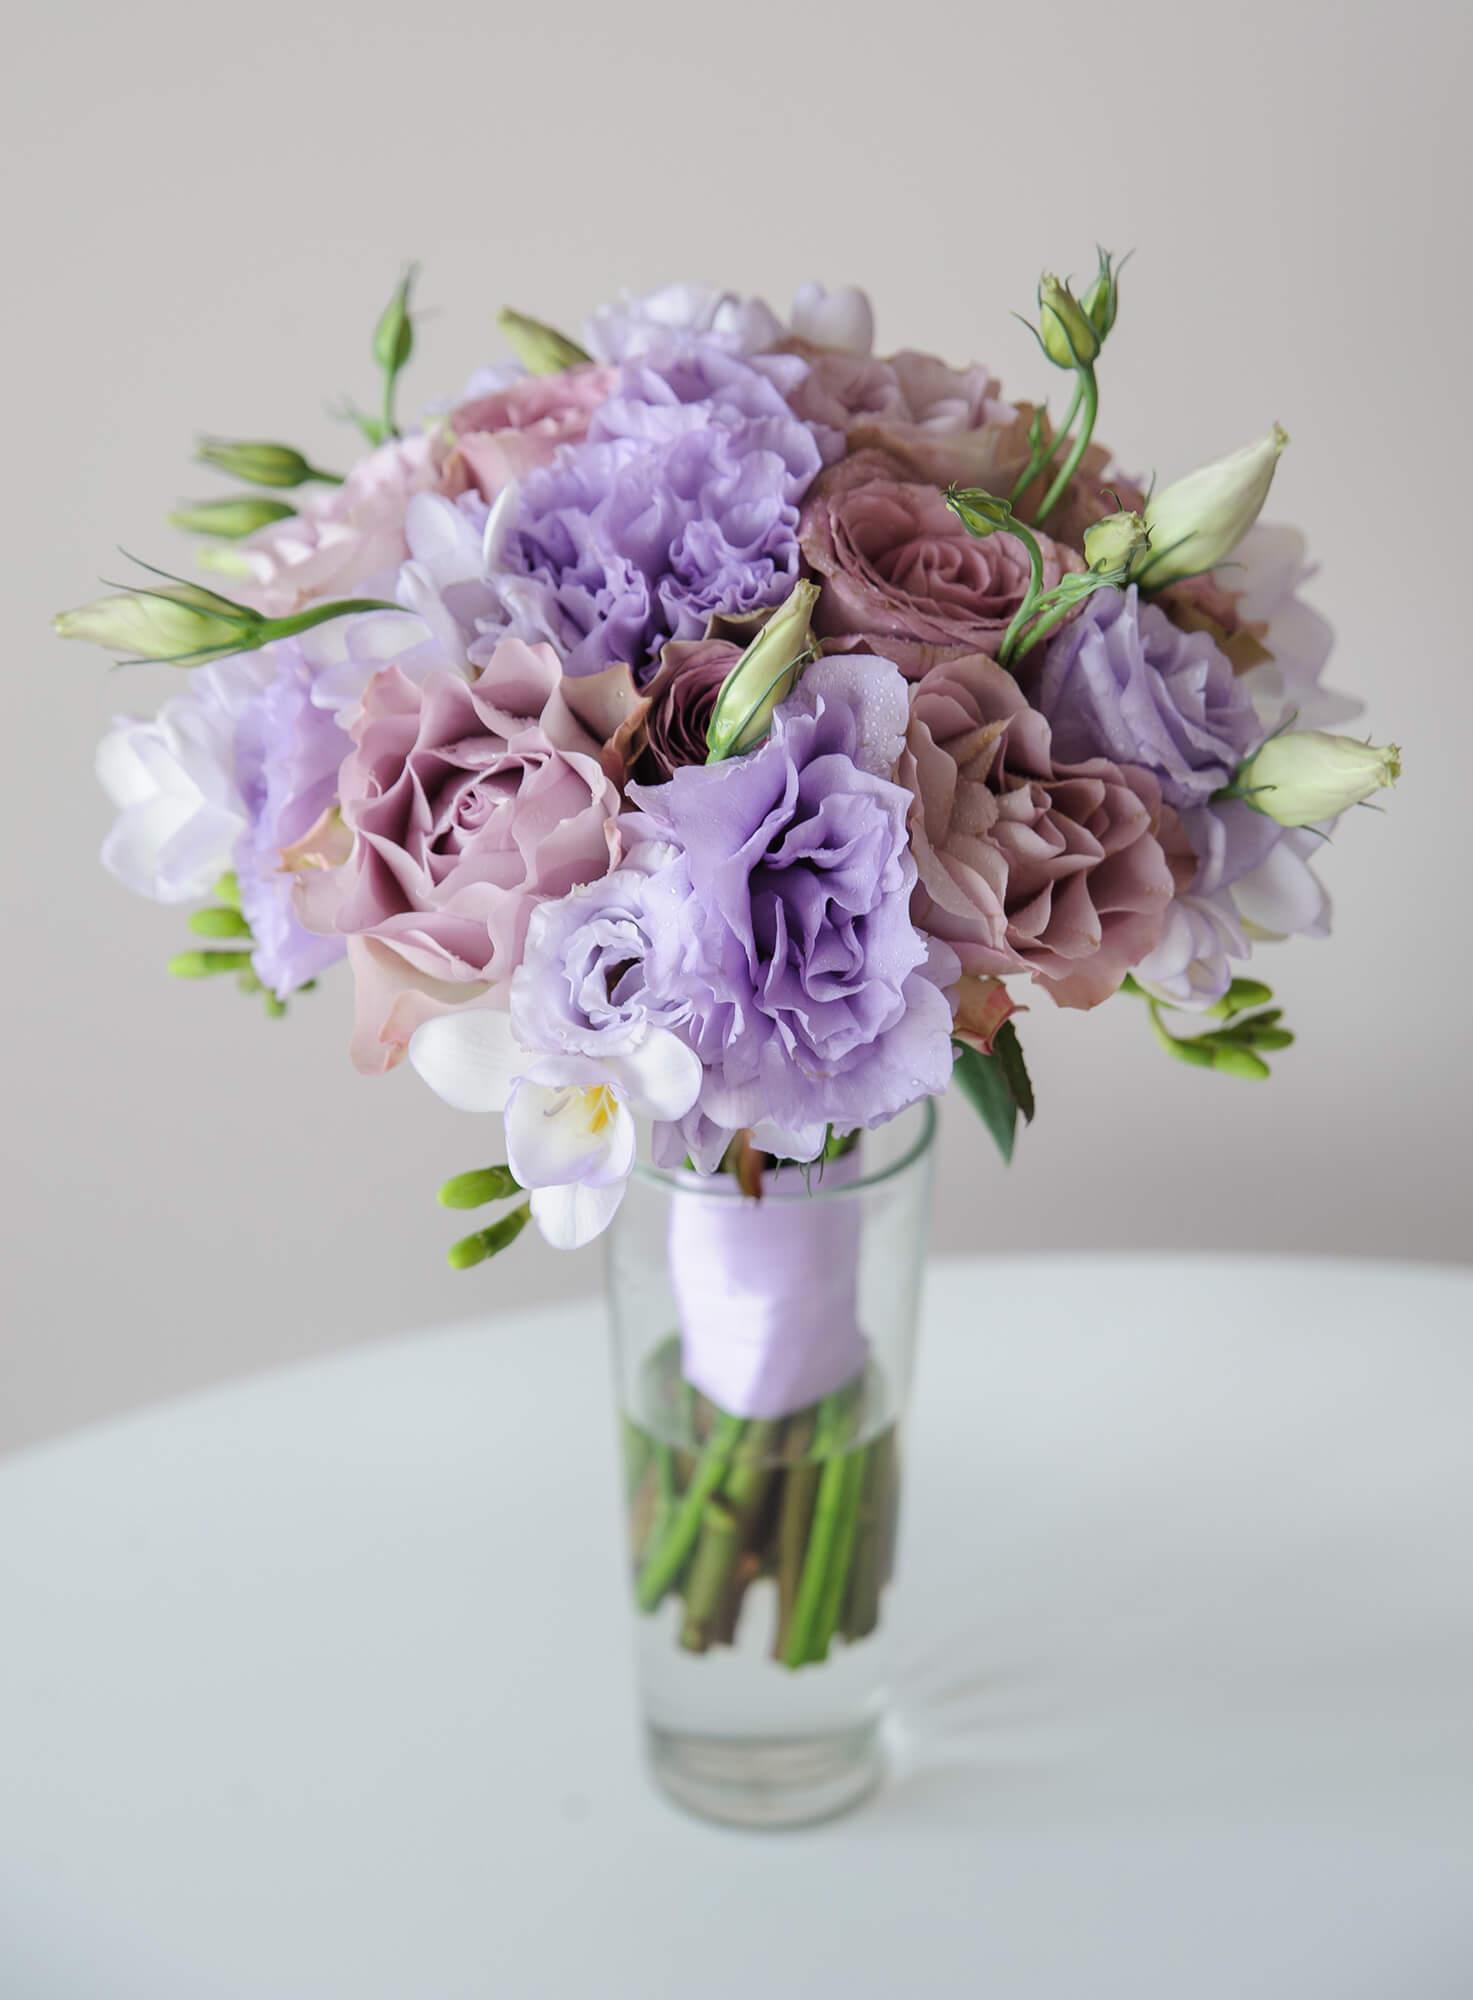 Сиреневый букет невесты из роз Мемори Лейн, сиреневой эустомы и фрезии